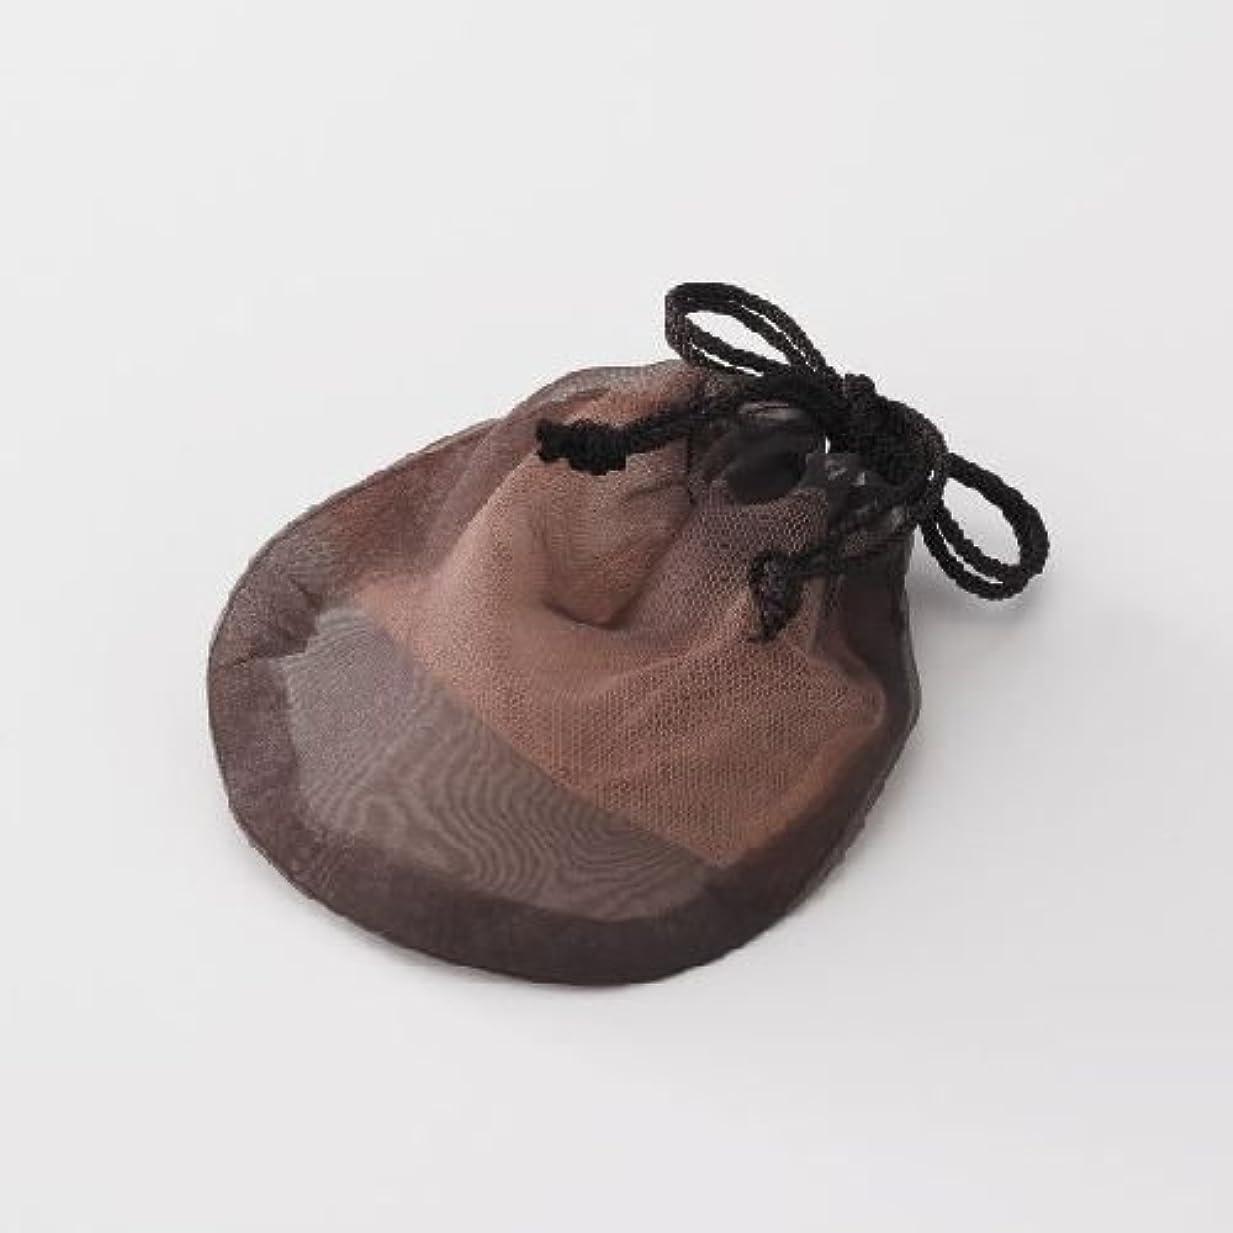 シンジケートファッションガレージピギーバックス ソープネット 瞬時にマシュマロのようなお肌に負担をかけないキメ細かな泡をつくることができるオシャレなポーチ型オリジナル【泡だてネット】!衛生的に固形石鹸の保存もできます。